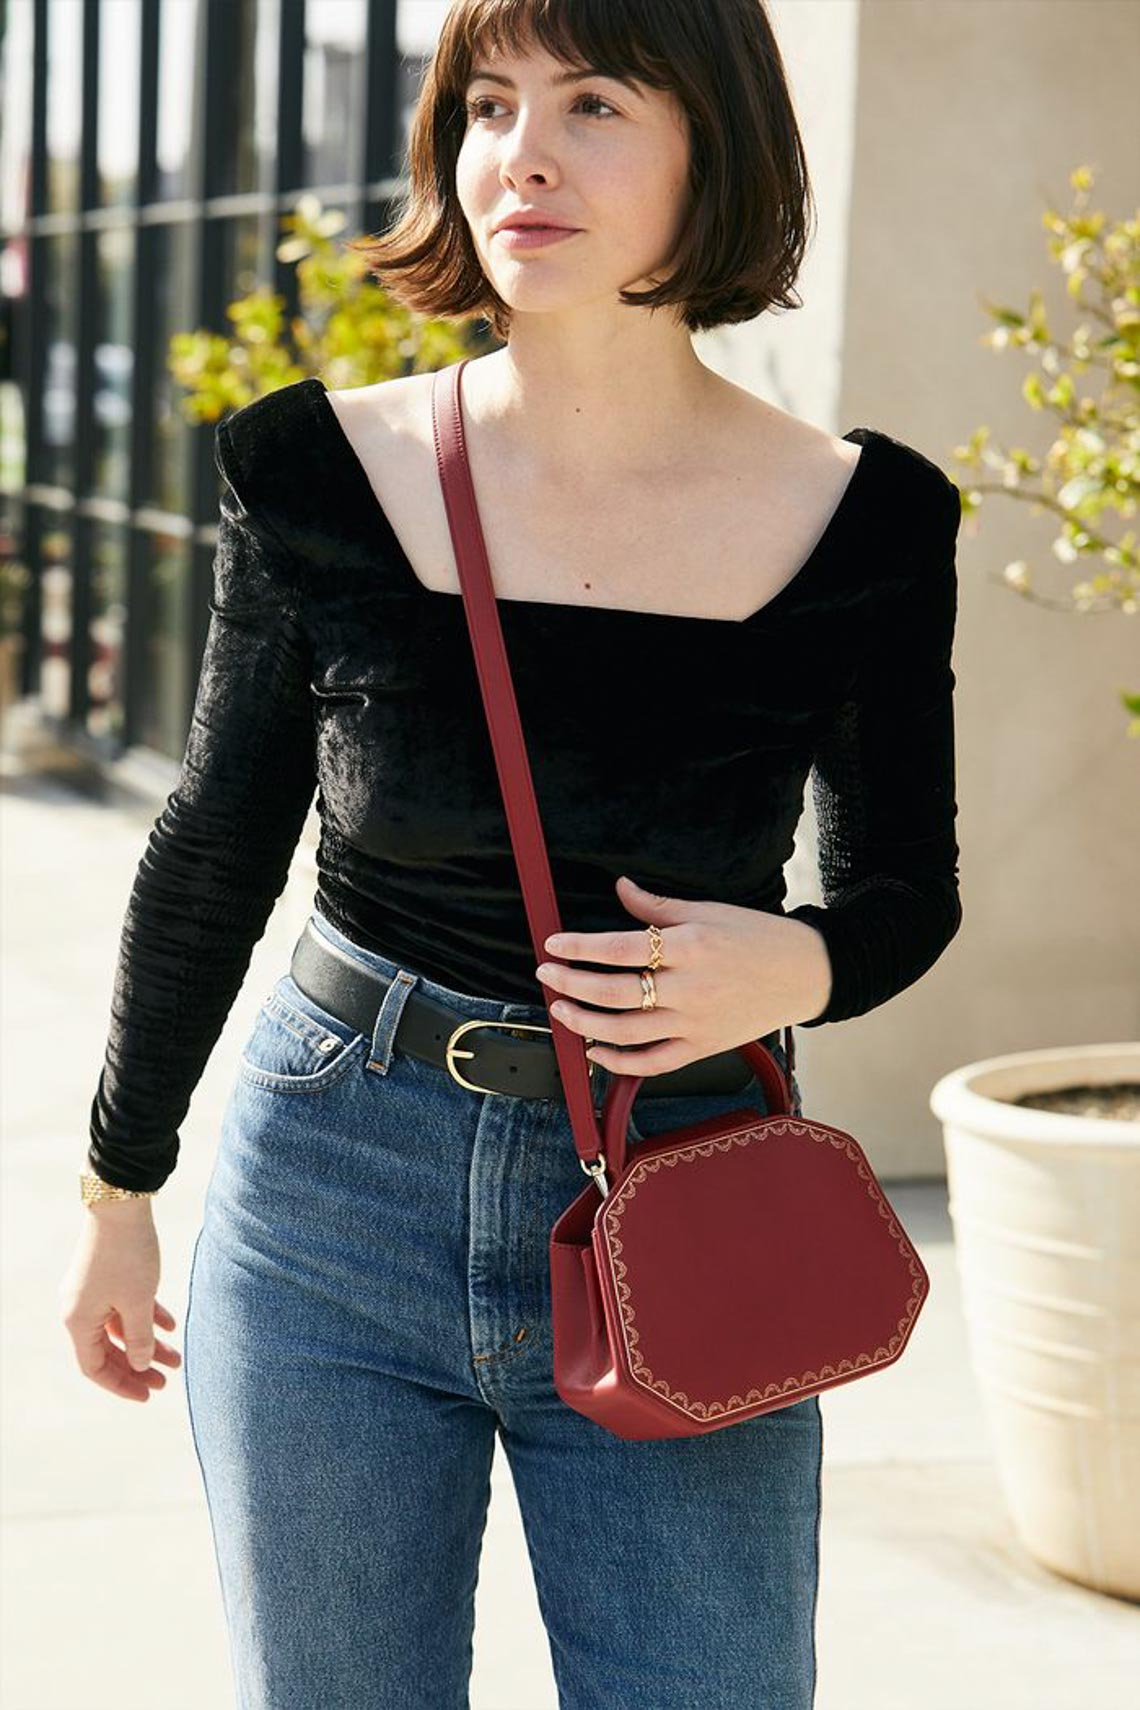 Chiếc túi xách Guirlande de Cartier mang vẻ đẹp khó cưỡng - 10